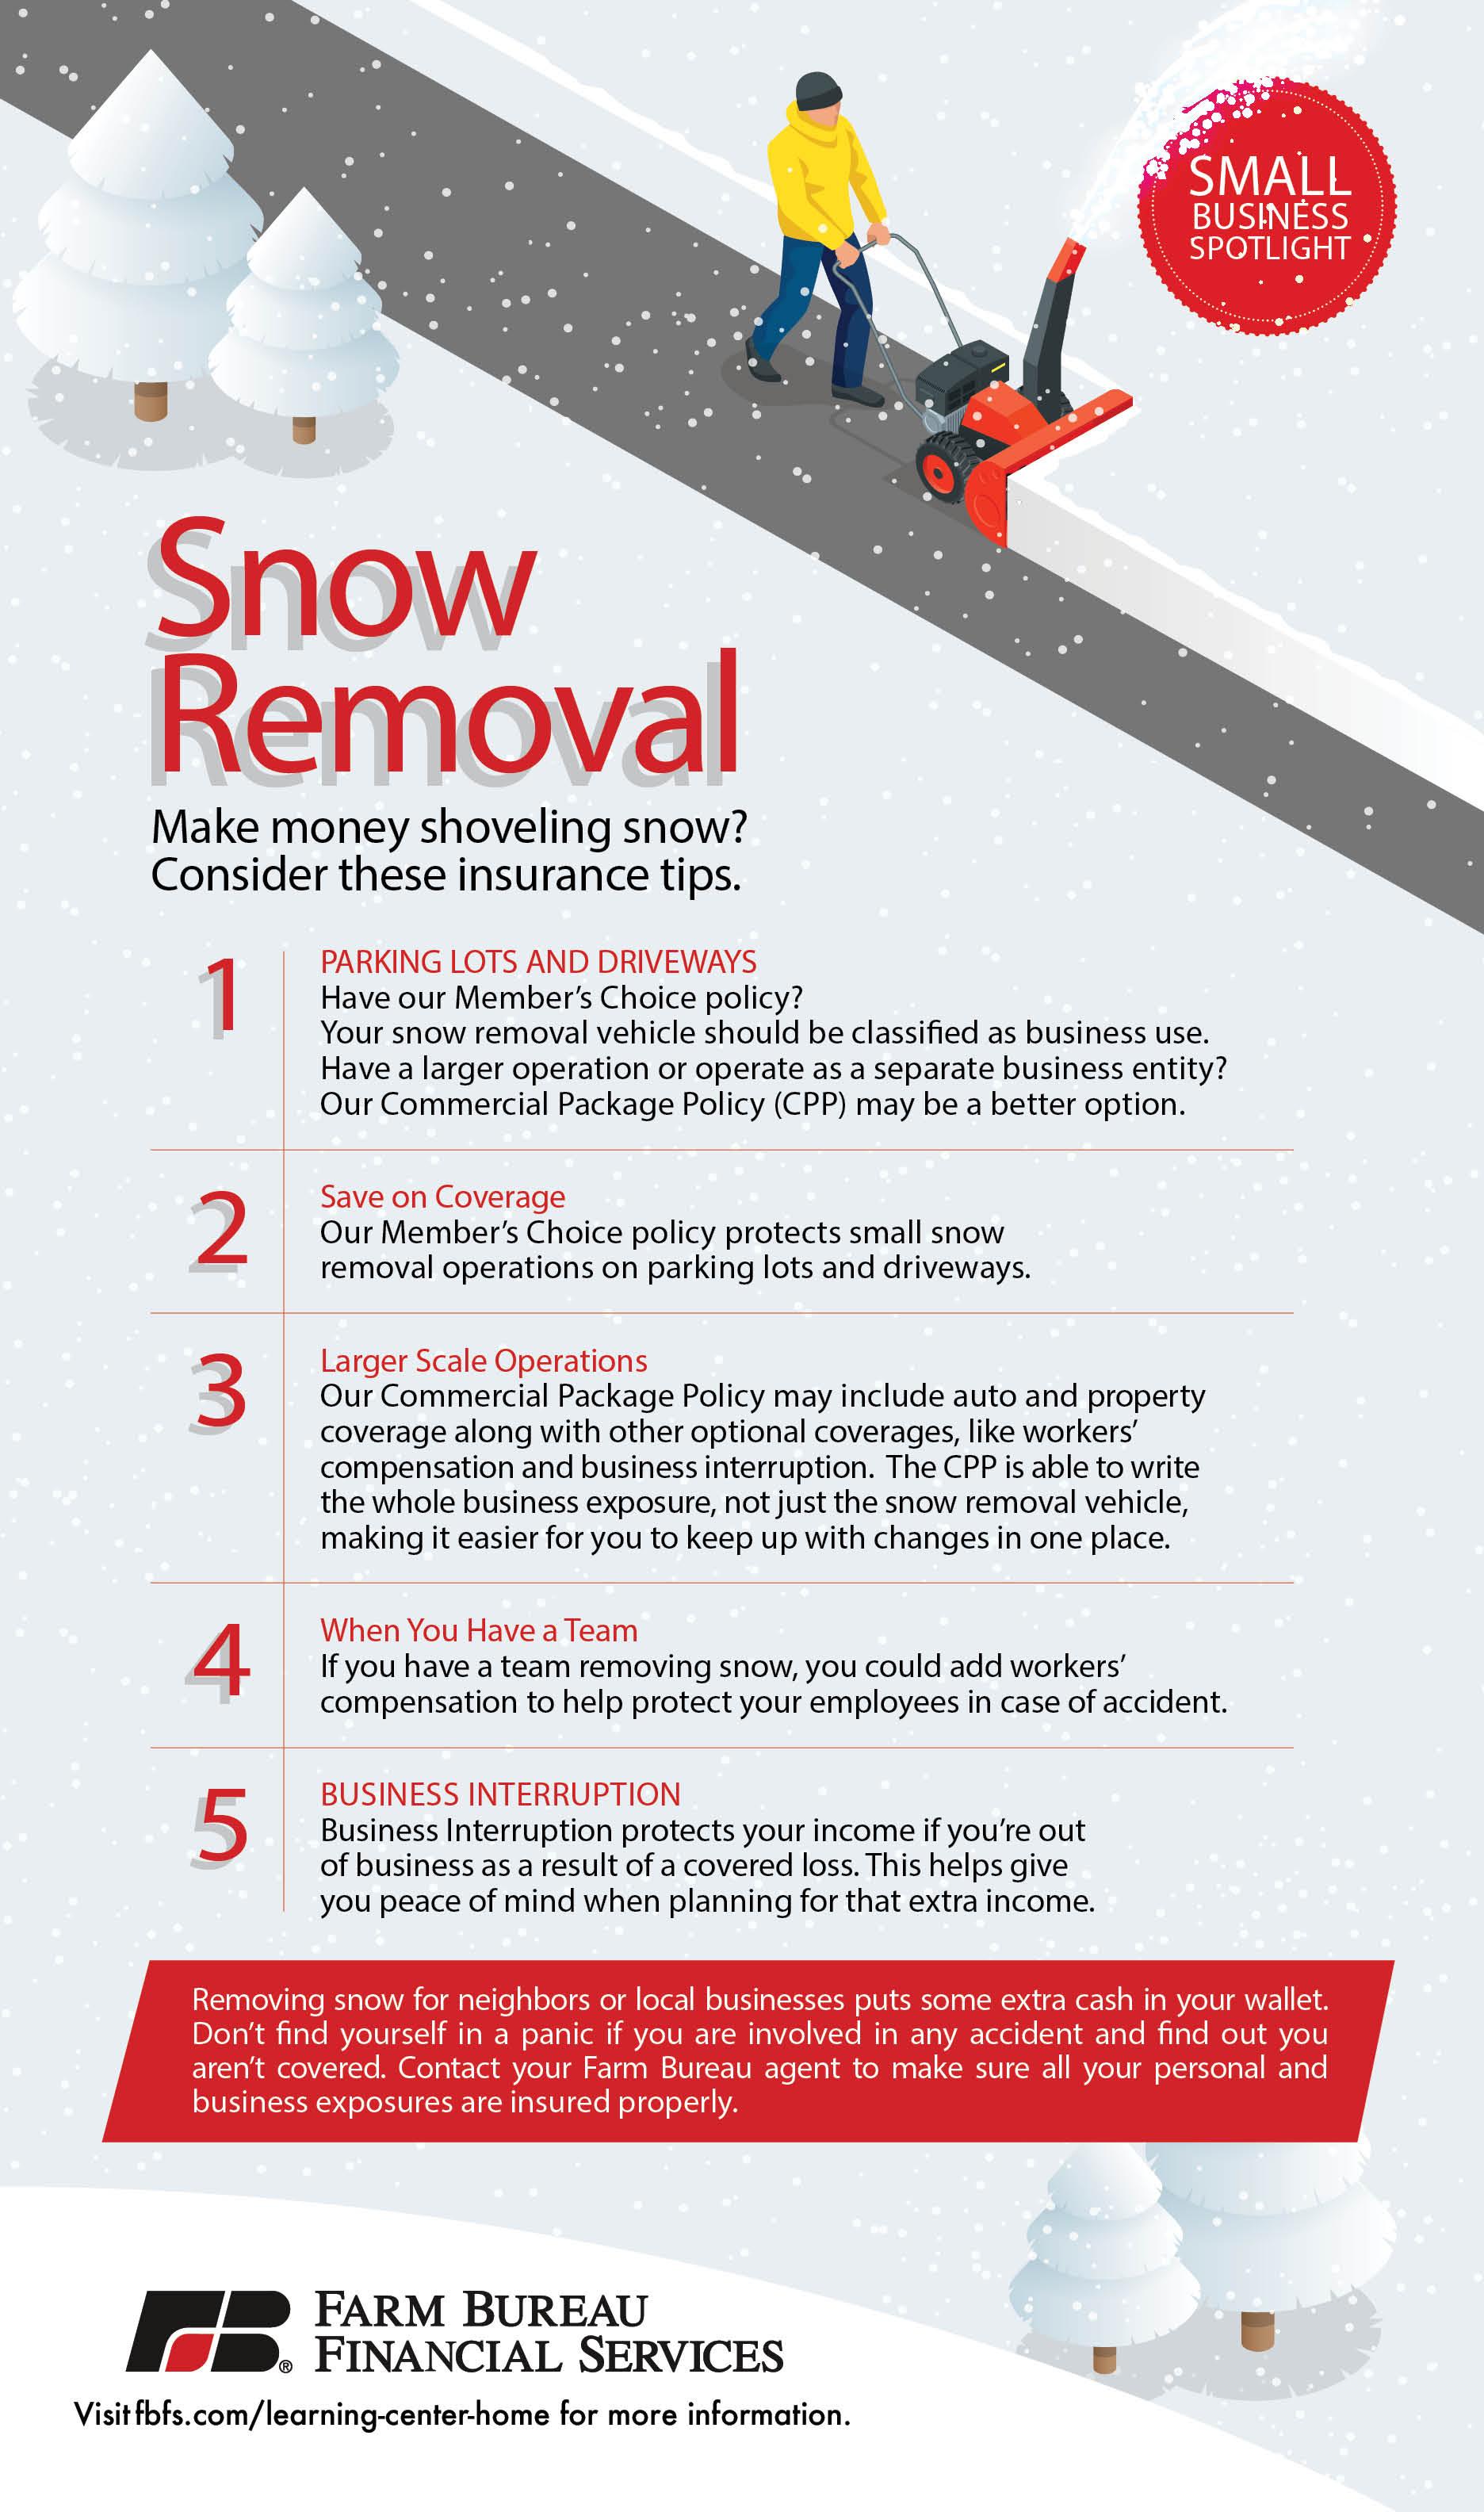 SnowRemoval_Infographic_v2